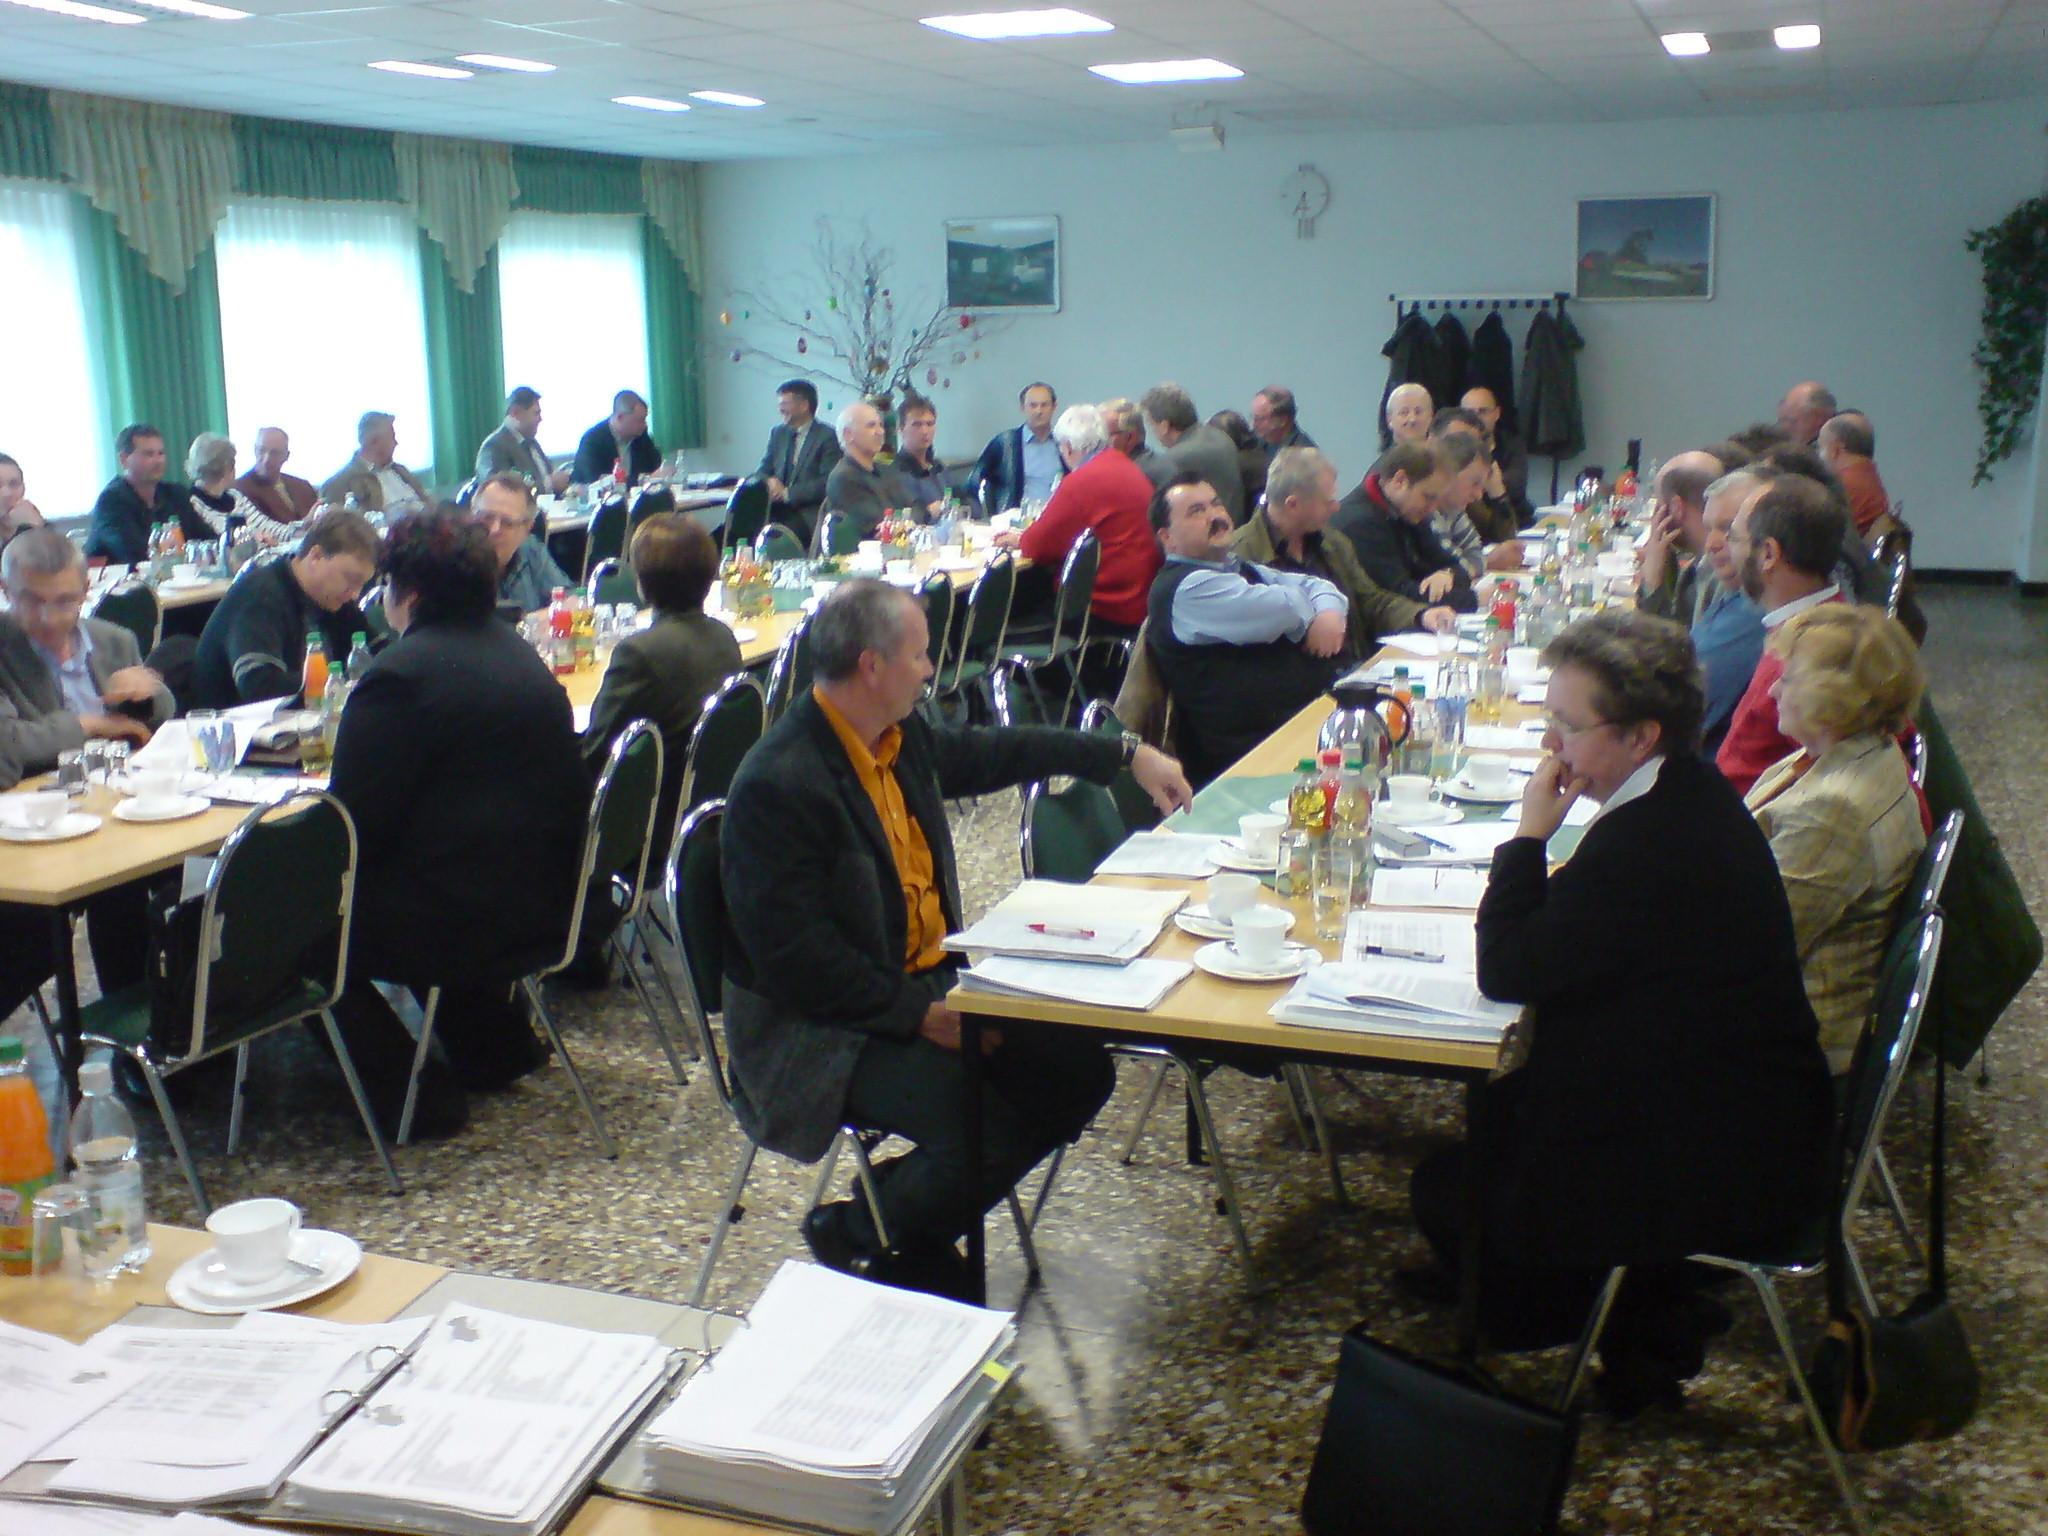 Mitgliederversammlung in der LAREMO GmbH